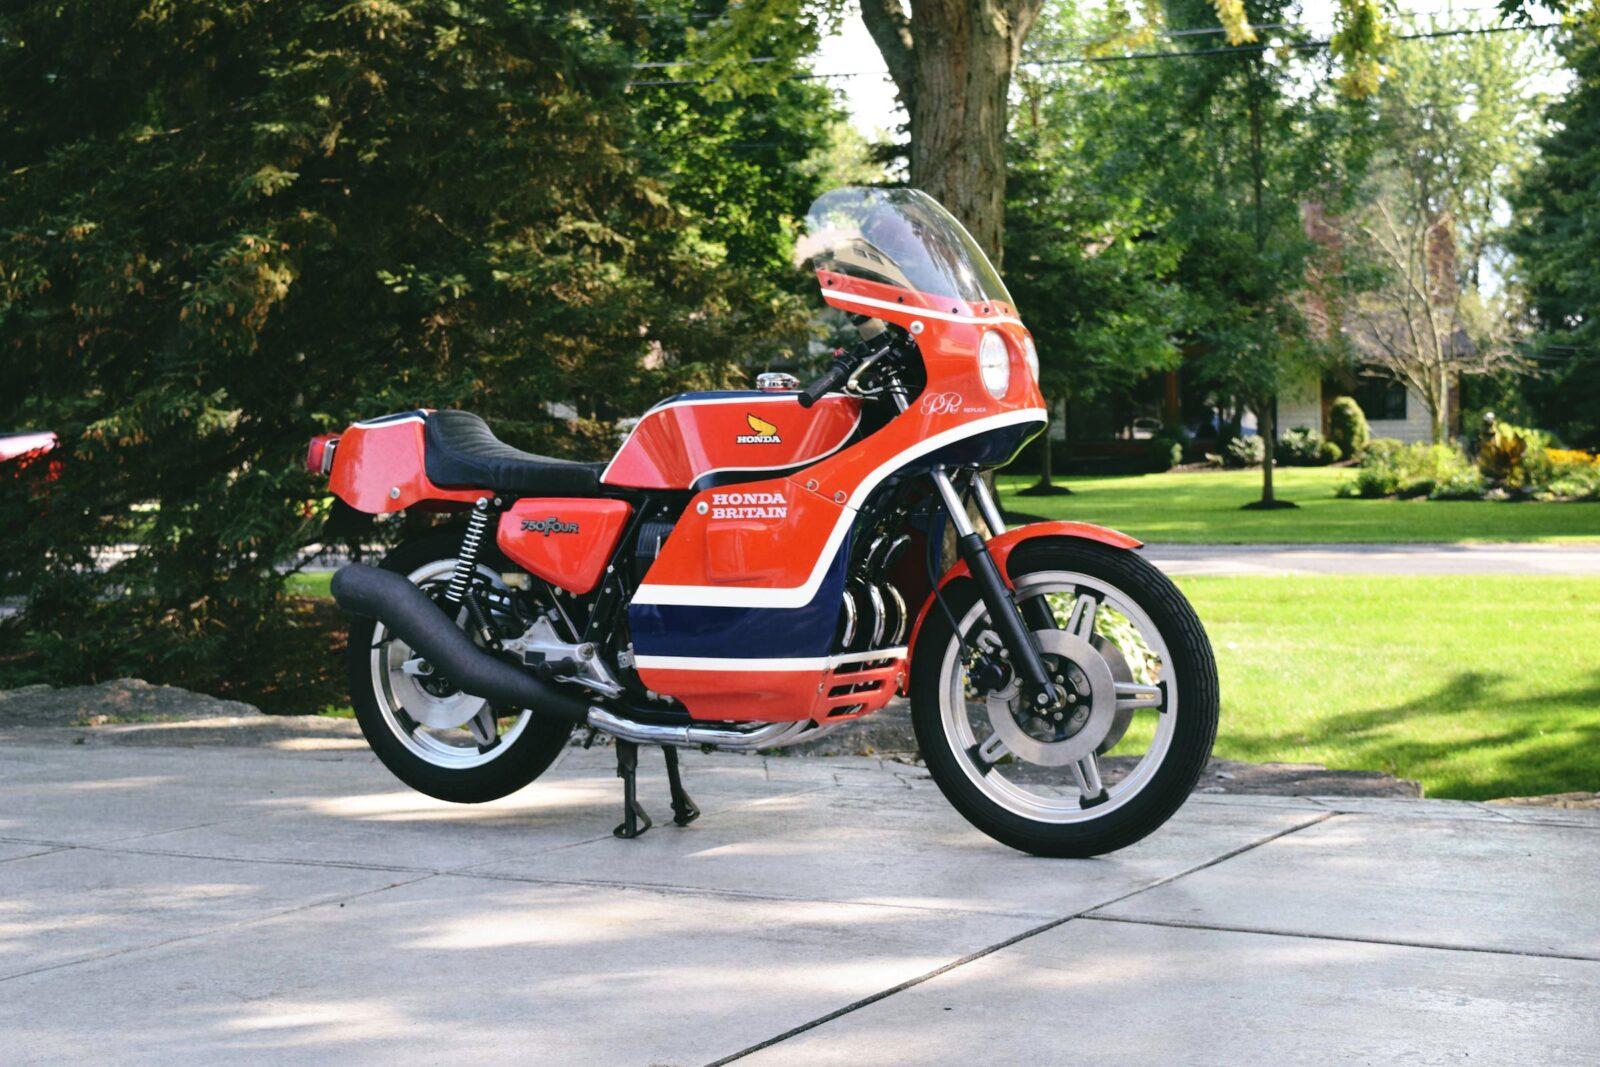 honda cb750 motorbike 3 1600x1067 - Rare Original Honda CB750 Phil Read Replica